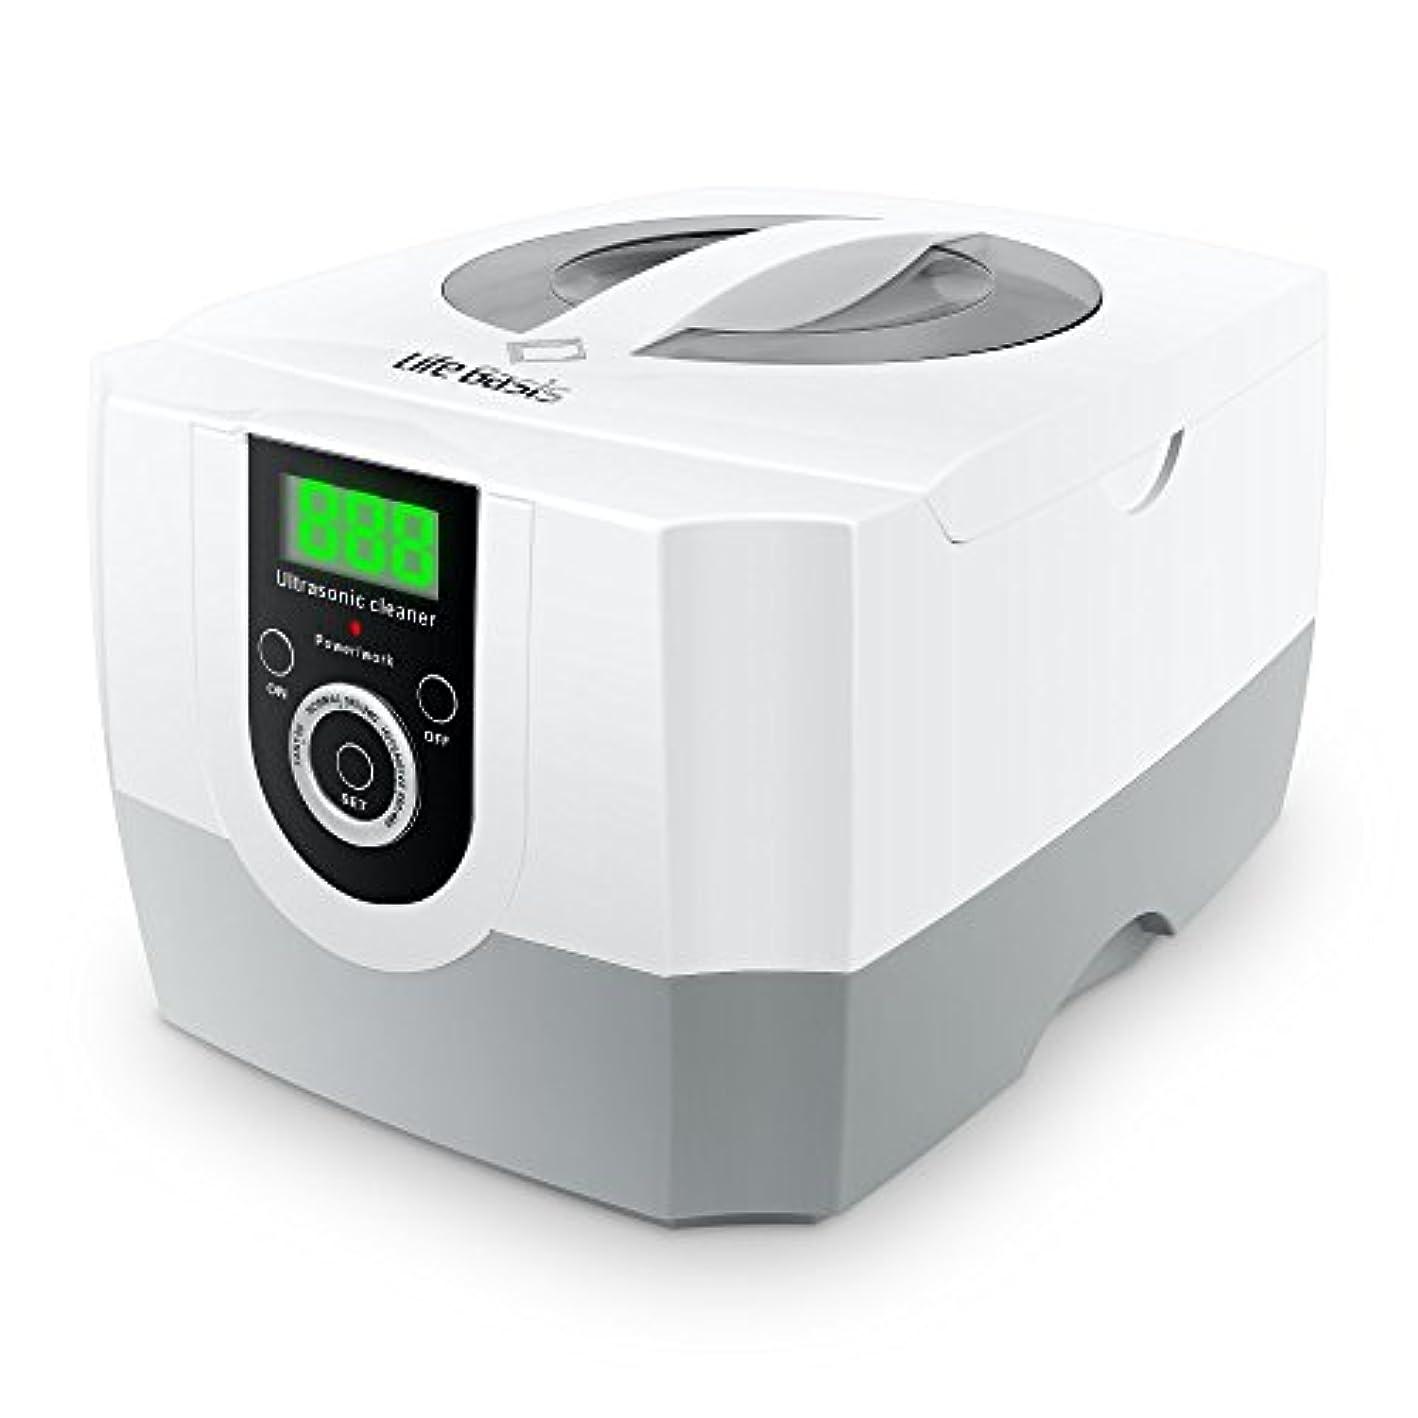 サスティーンヒゲ入り口LifeBasis 超音波洗浄機 小型業務用 1秒間42,000Hz回振動数 1400ml超大容量 パワフル70W 超音波クリーナー 5段階タイマー設定可能 デジタルLED時間表示 観察ランプ付き アクセサリー リング...